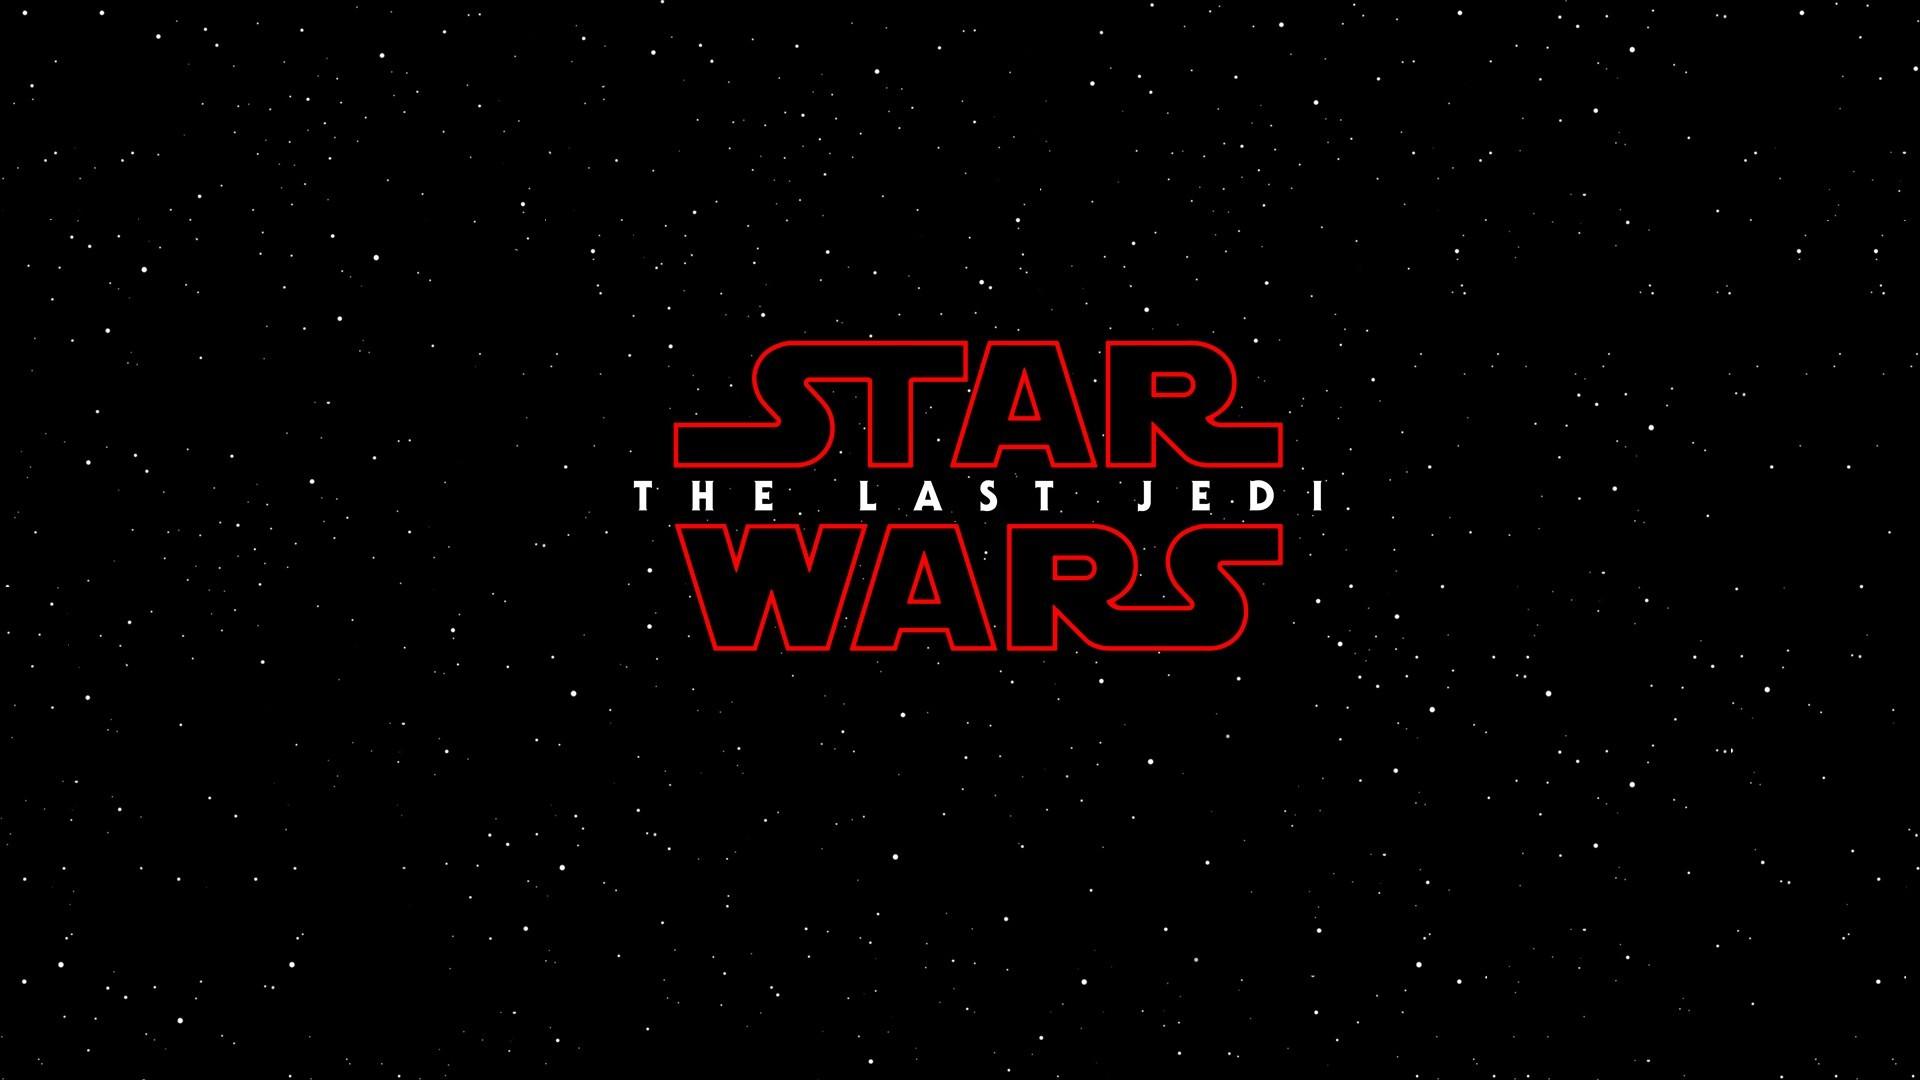 General Star Wars Star Wars: The Last Jedi